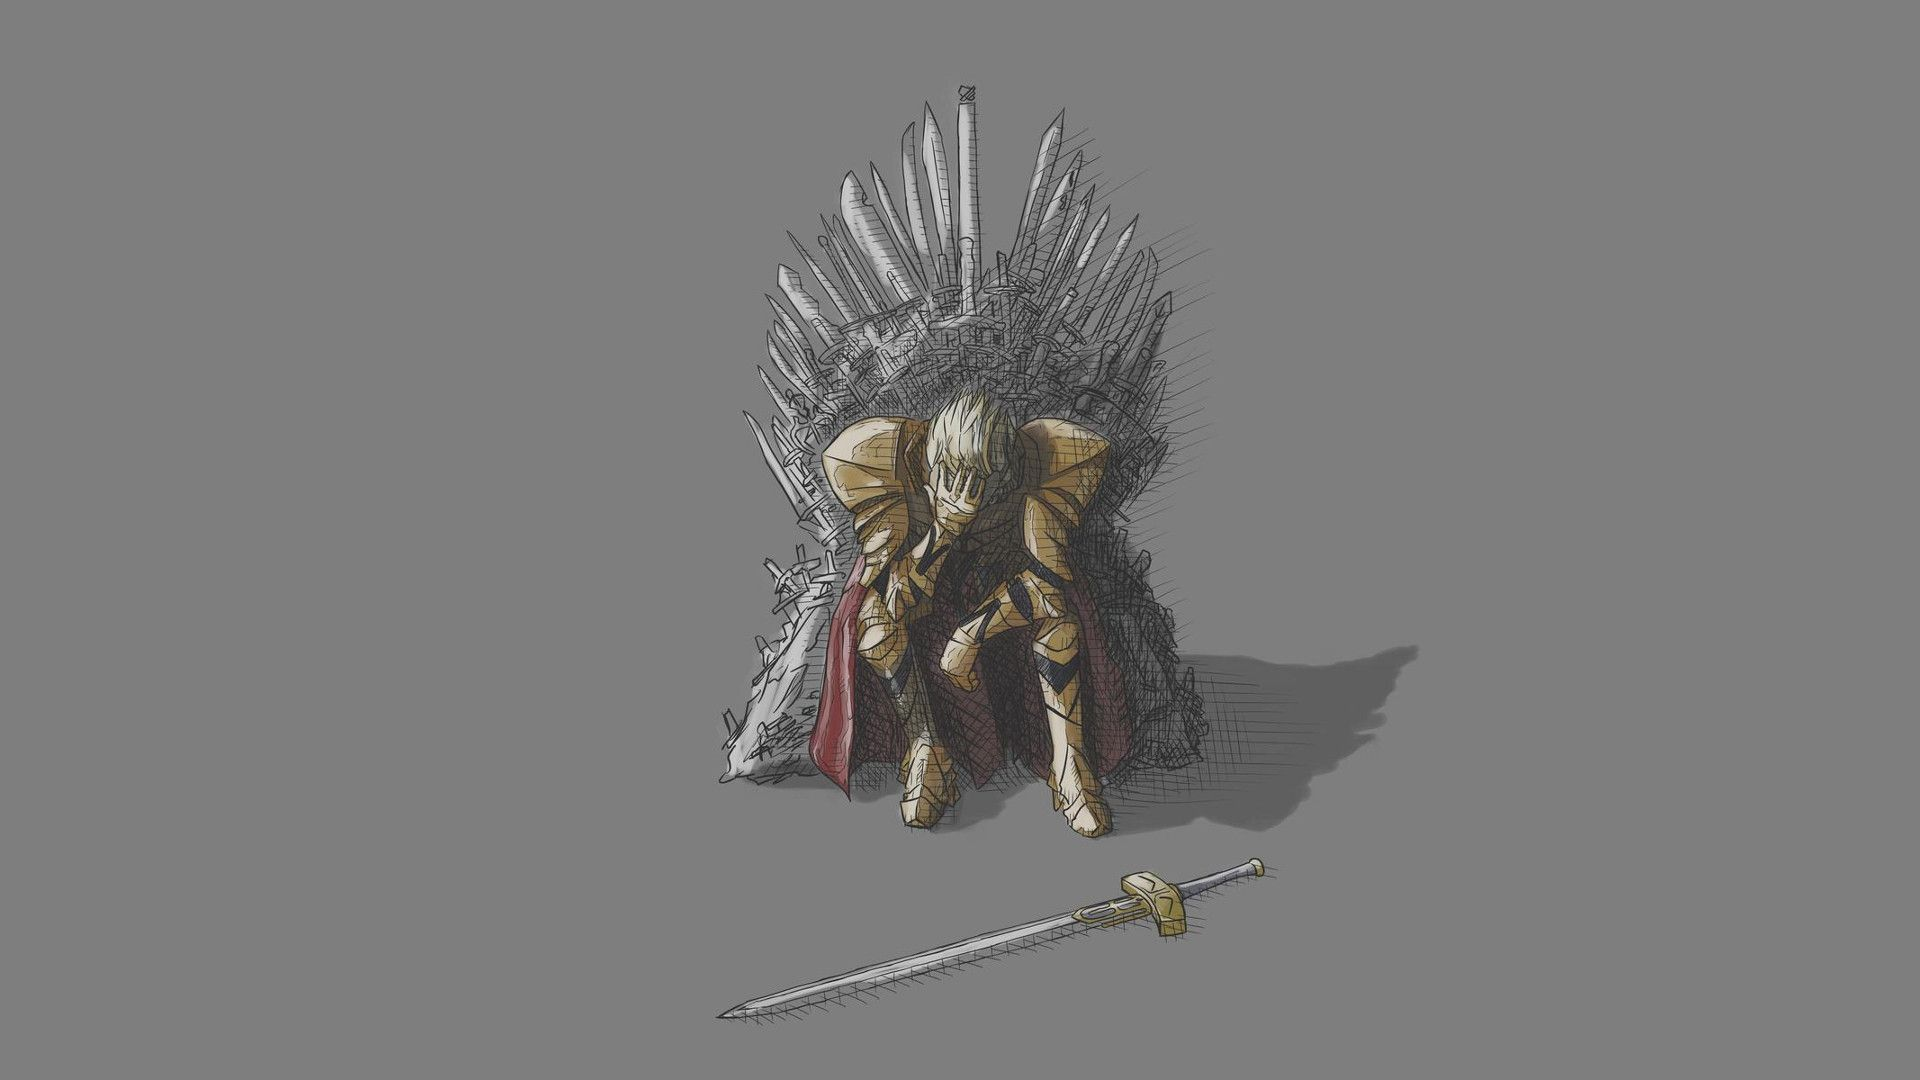 Game of Thrones grey fan art